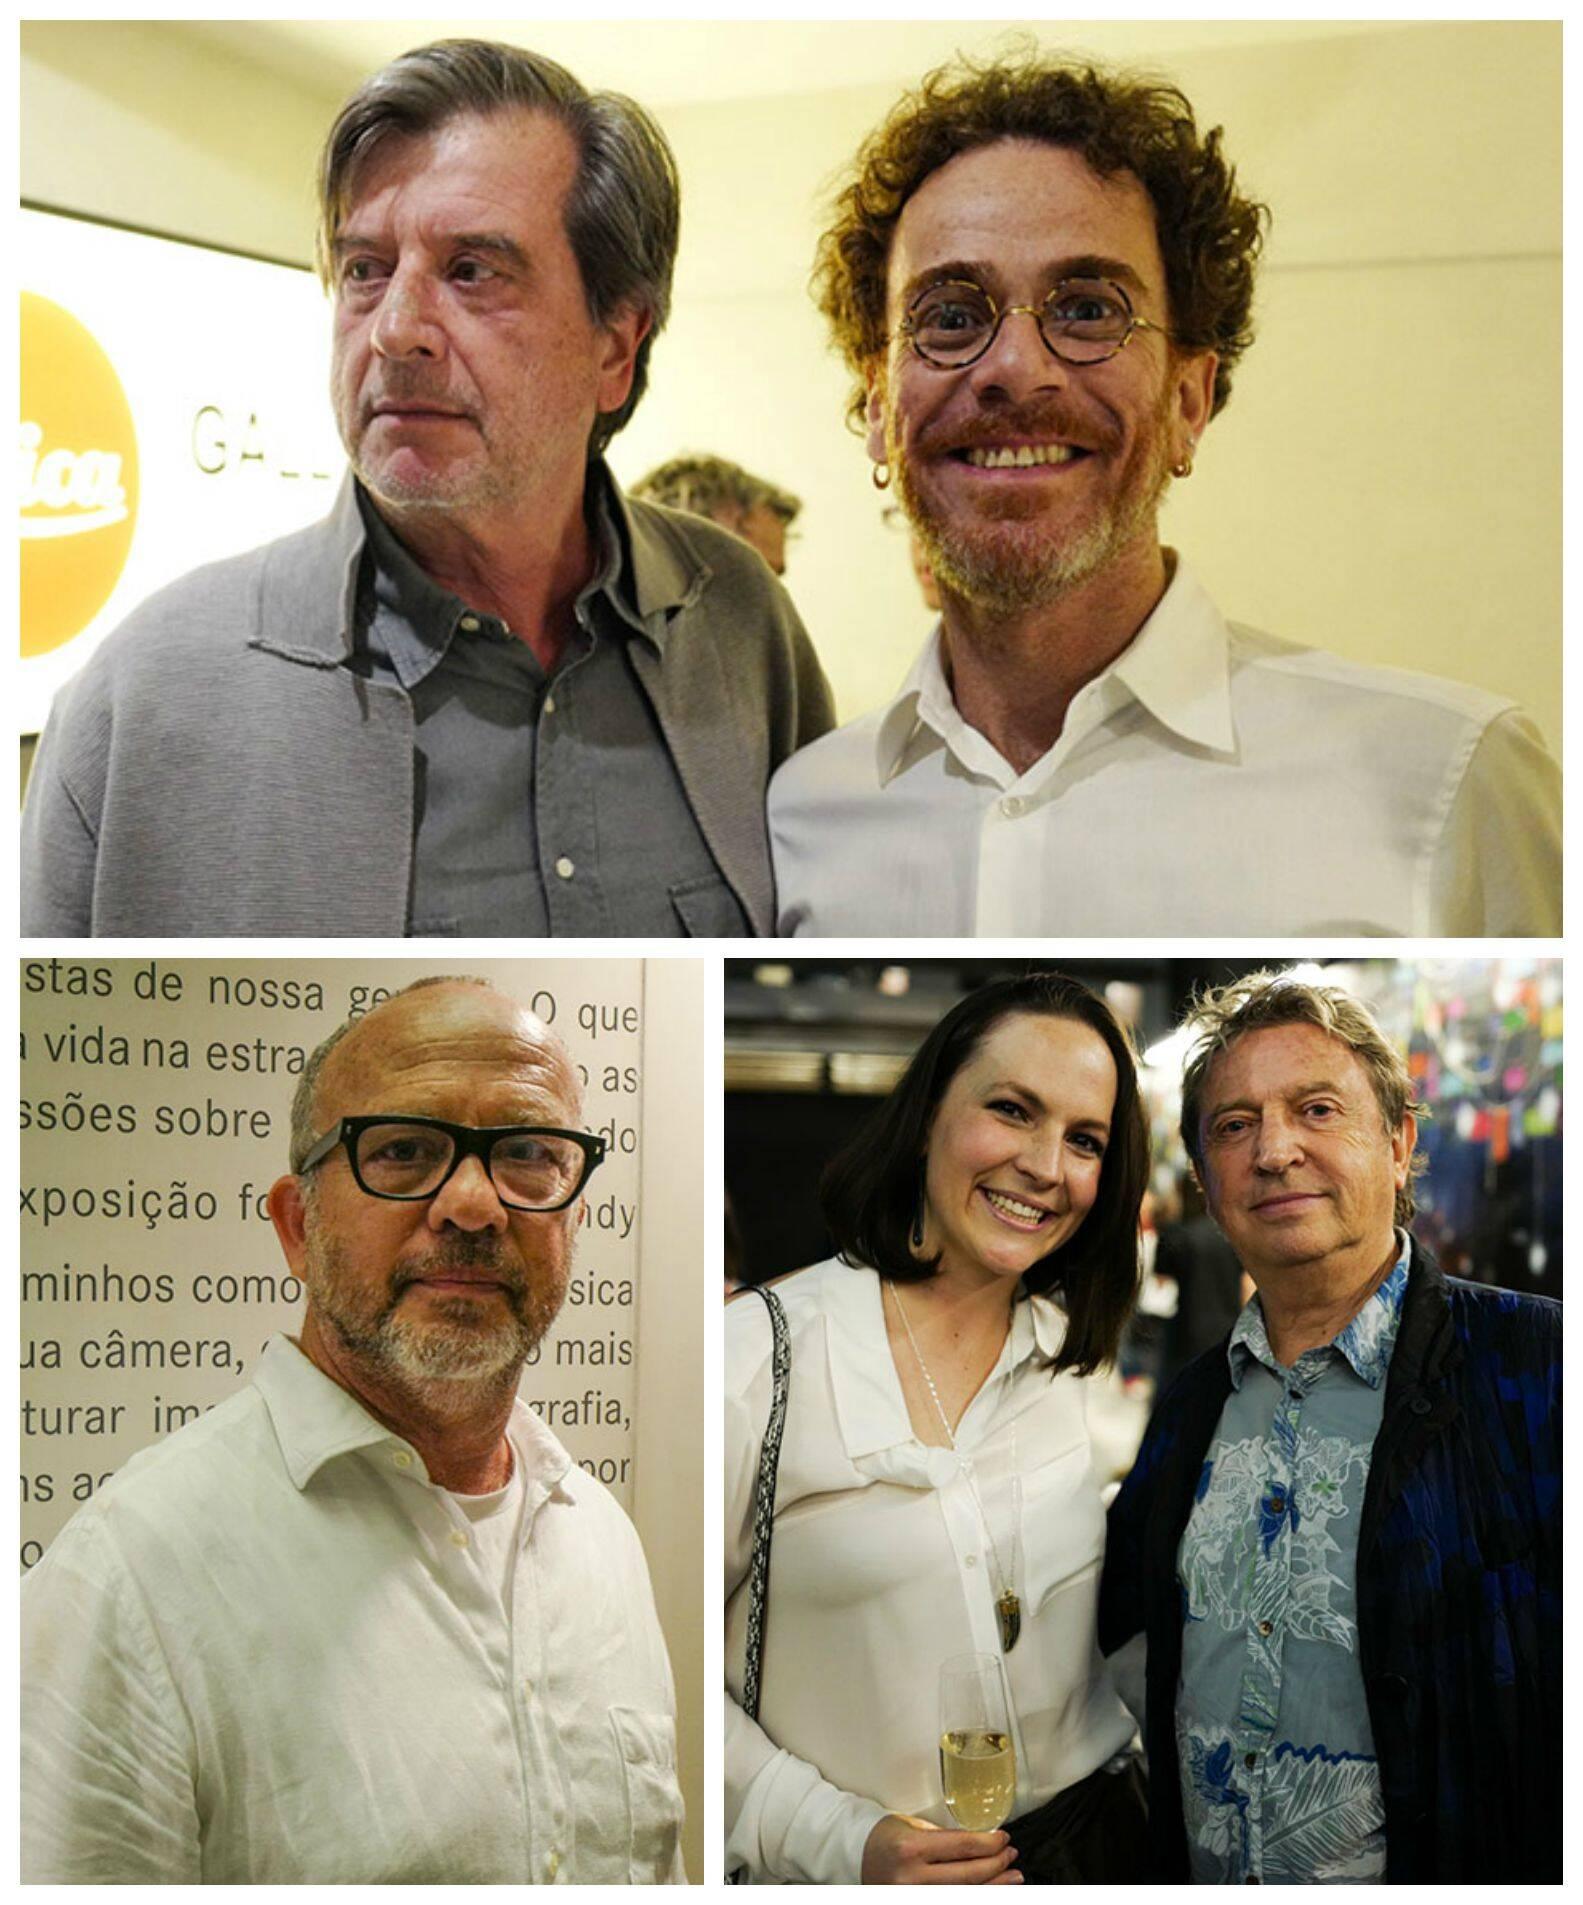 No sentido horário: Márcio Scavone e Nando Reis; Helen Todd e Andy Summers; Bob Wolfenson / Fotos:  Leica Gallery SP/Divulgação